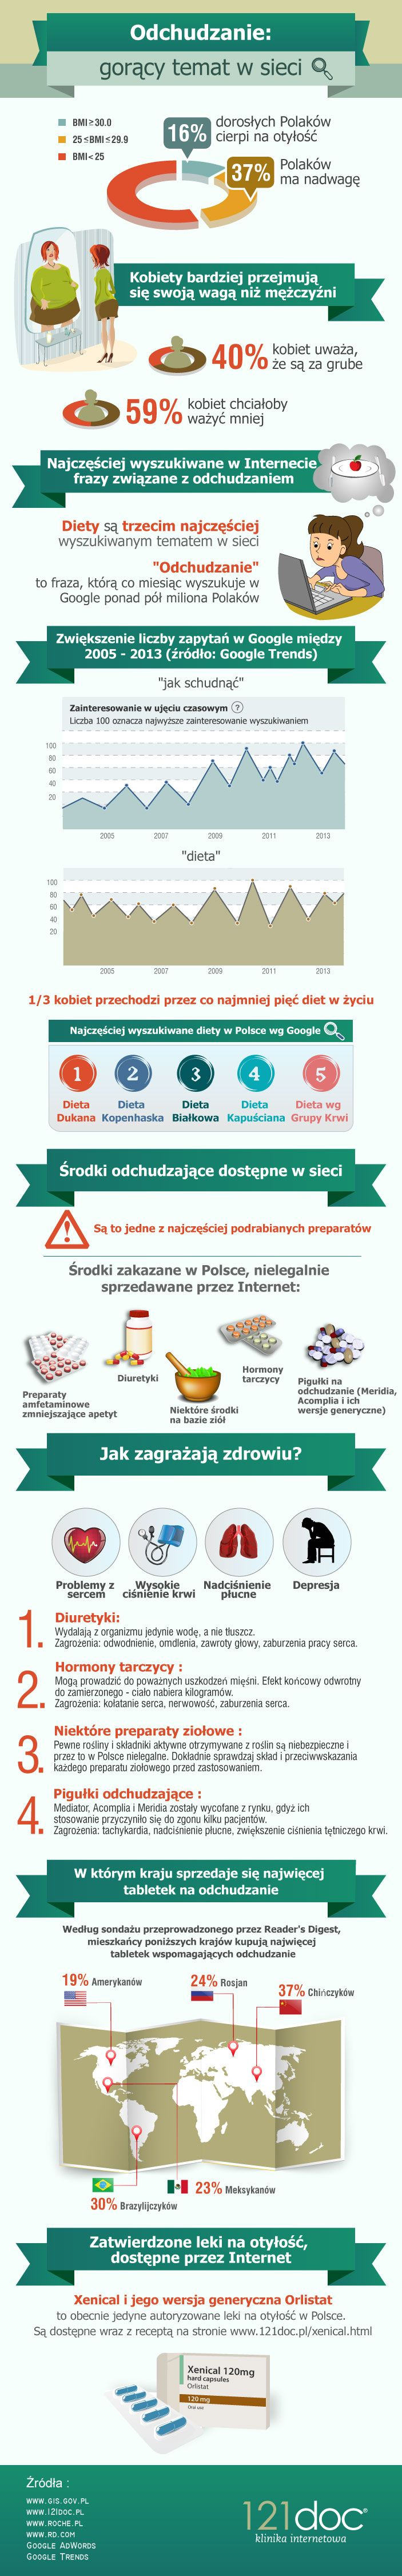 Odchudzanie w sieci- preser.pl